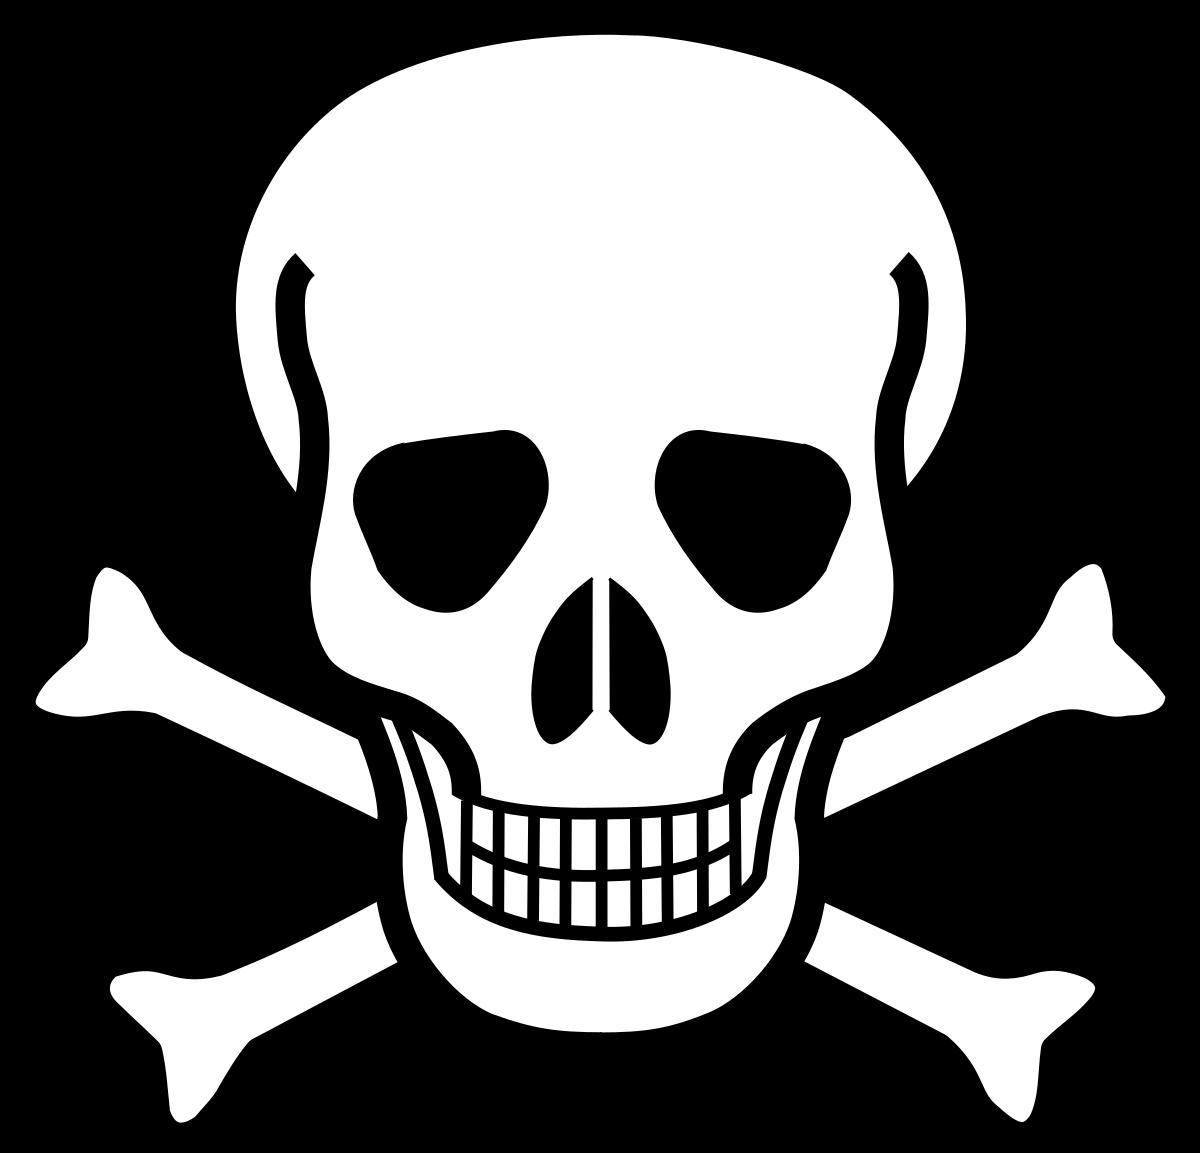 Toxic clipart health hazard Wikipedia  Toxicity